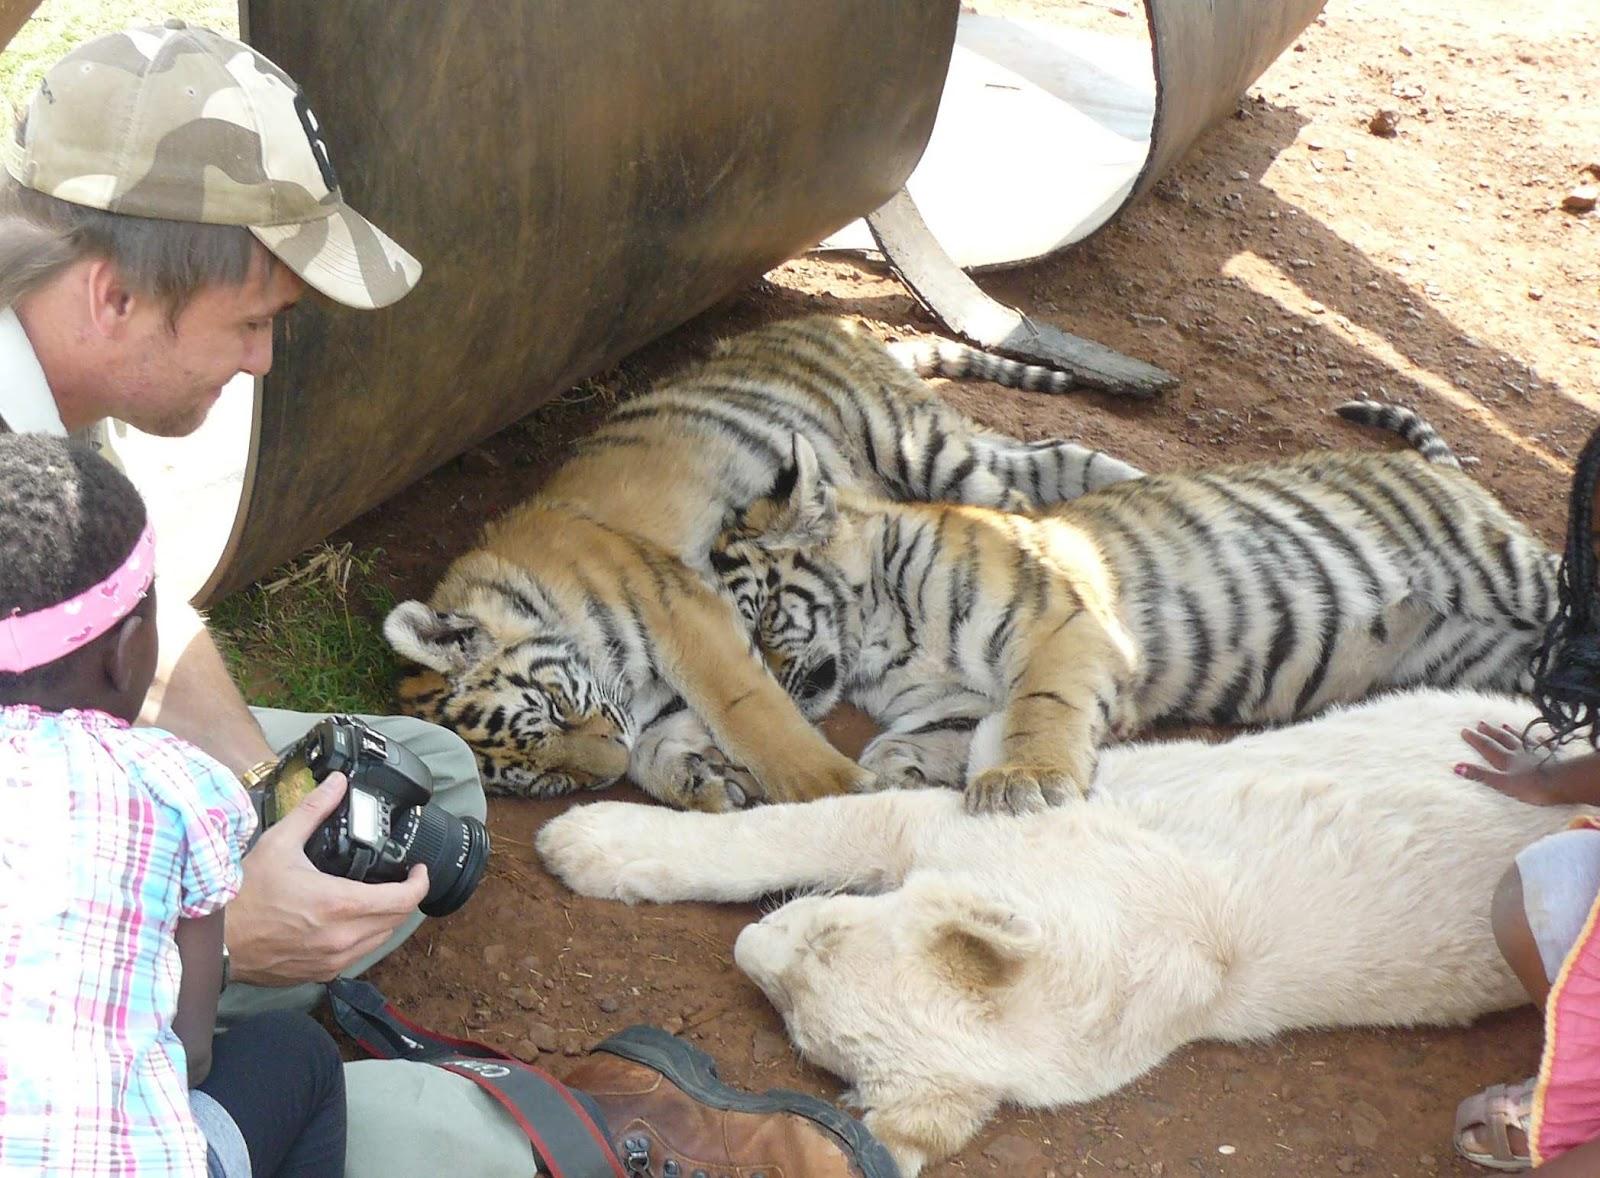 tijger aaien in nederland